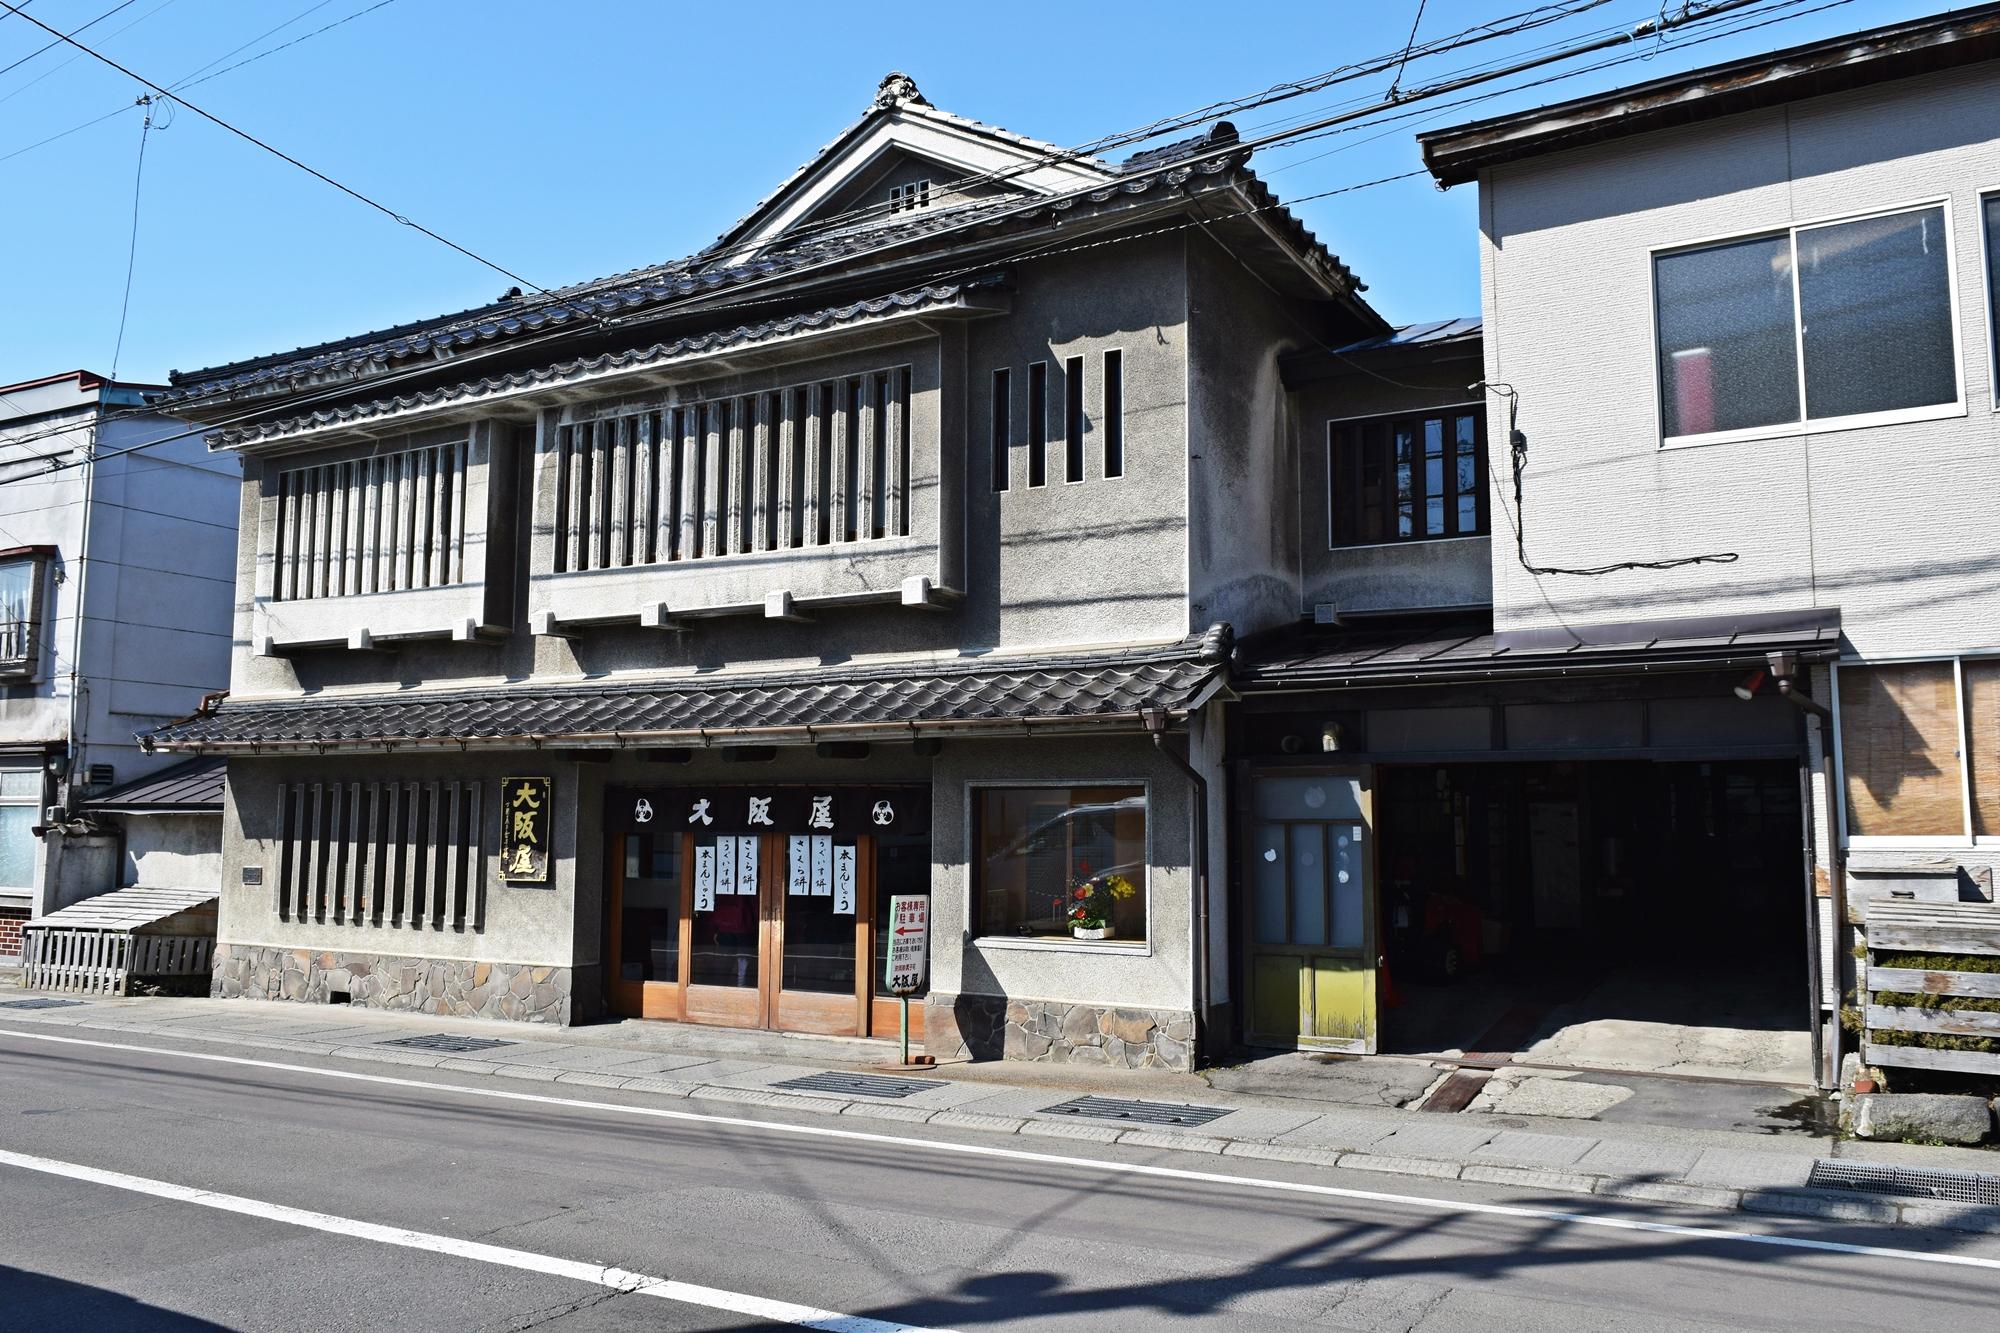 f:id:mitatowa:20170326233951j:plain